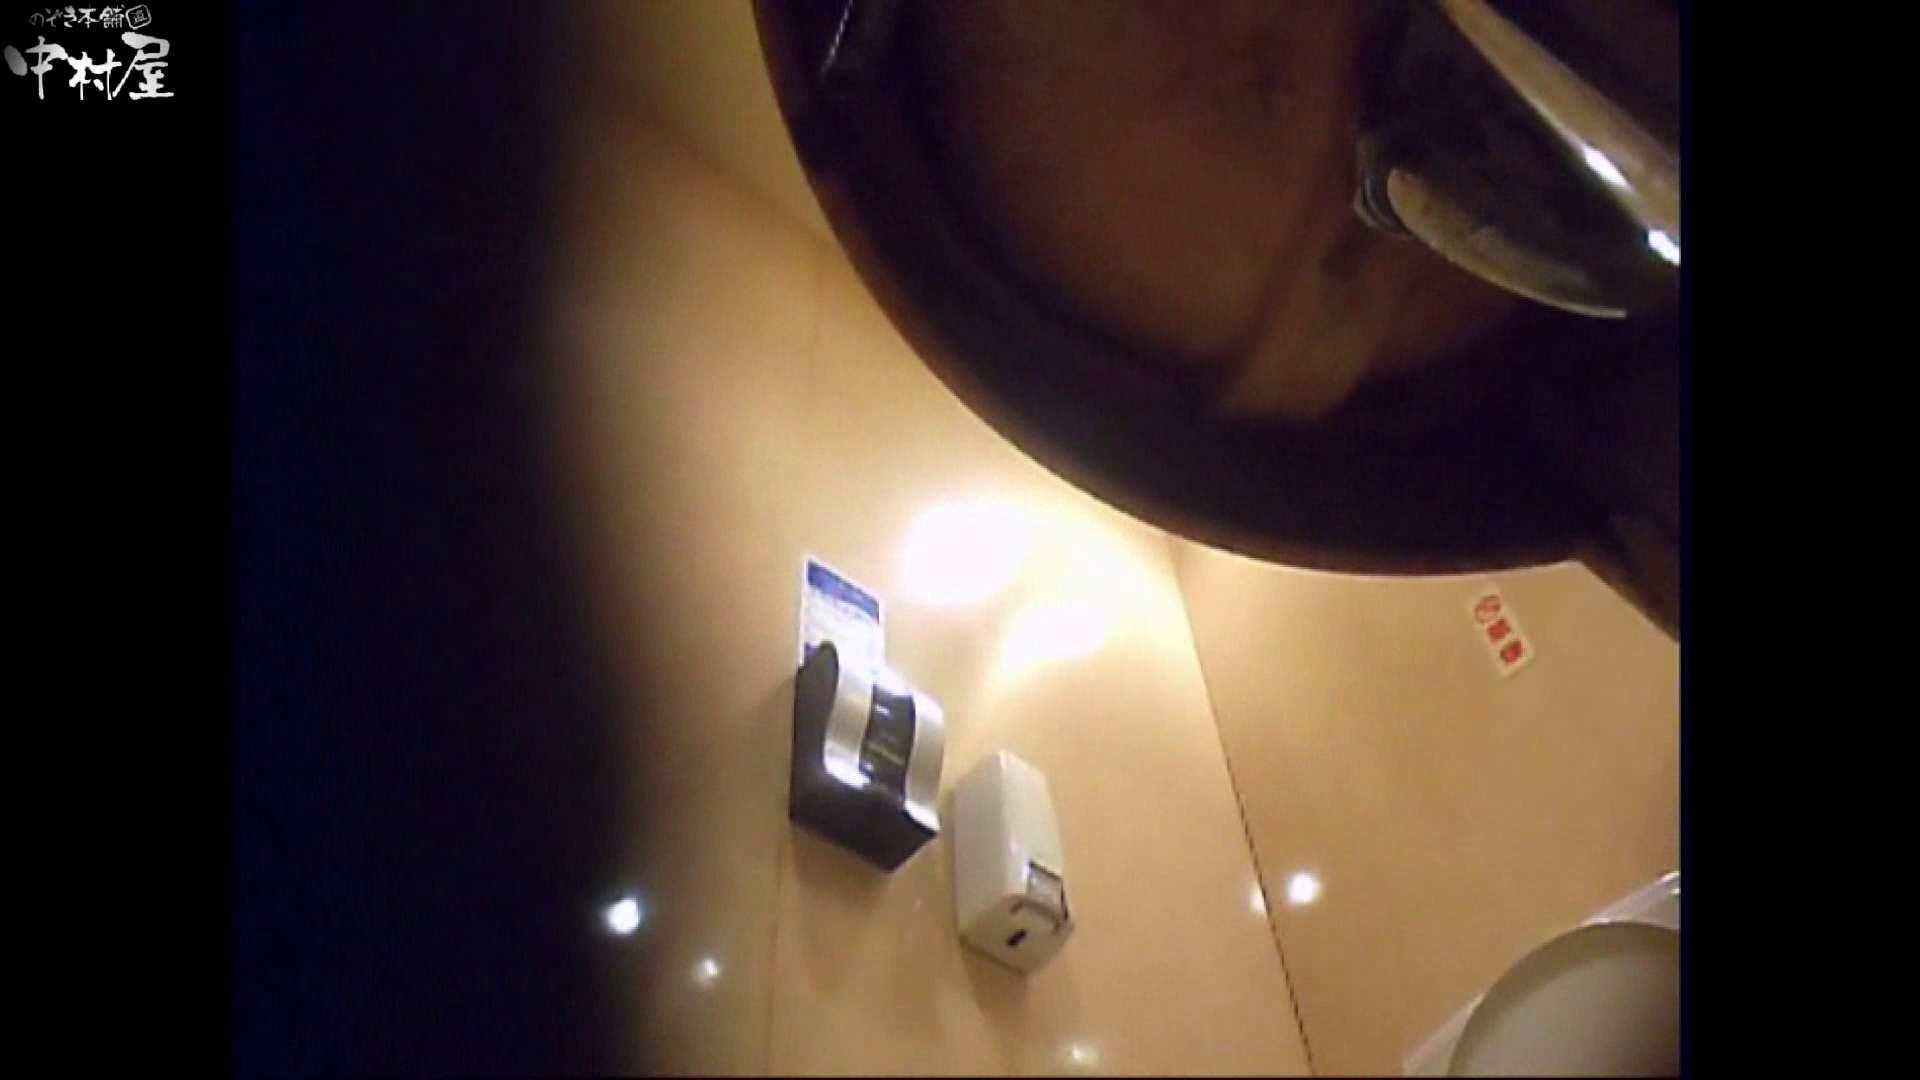 ガチ盗撮!突撃!女子化粧室の真実~セカンドシーズン~vo.04 盗撮師作品 | 熟女丸裸  80pic 43